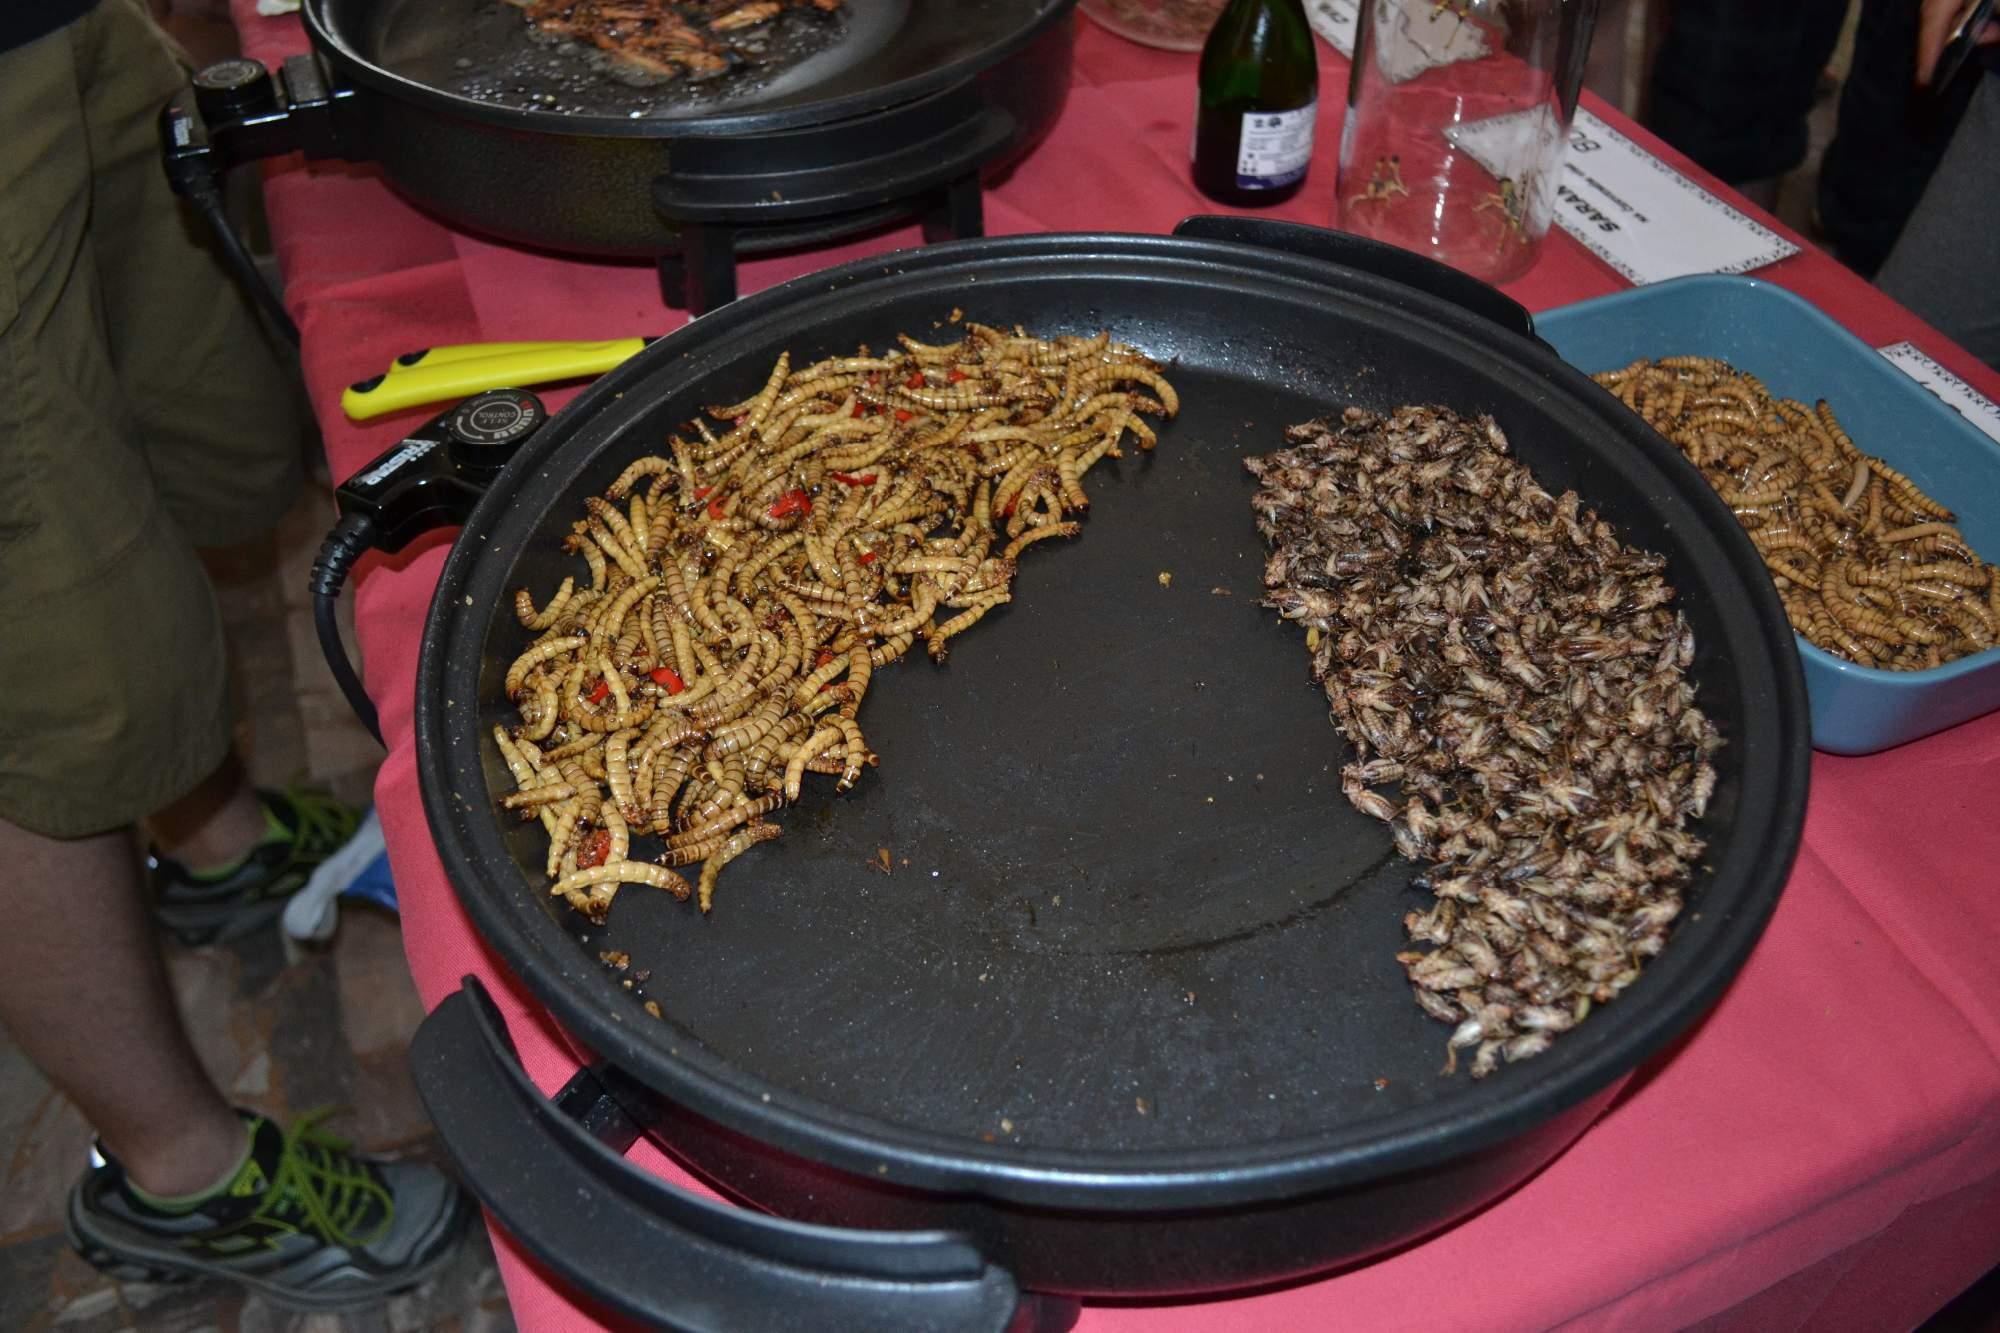 Červy a cvrčky mohli návštěvníci ochutnat na extreme food festivalu. Foto: Klára Vašíčková